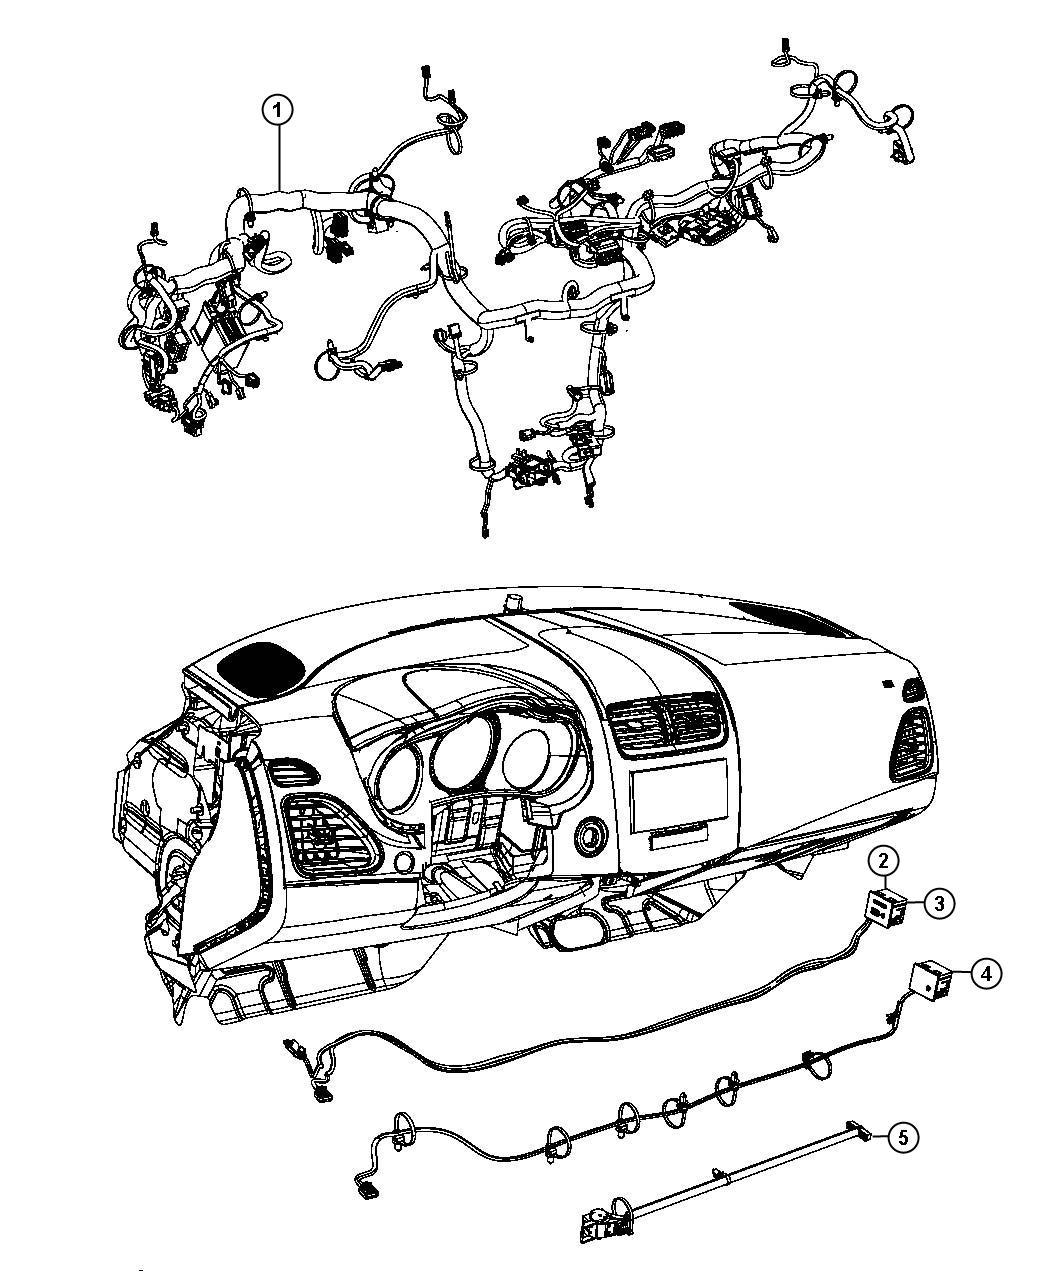 Diagram Dodge Dart Wiring Diagram Full Version Hd